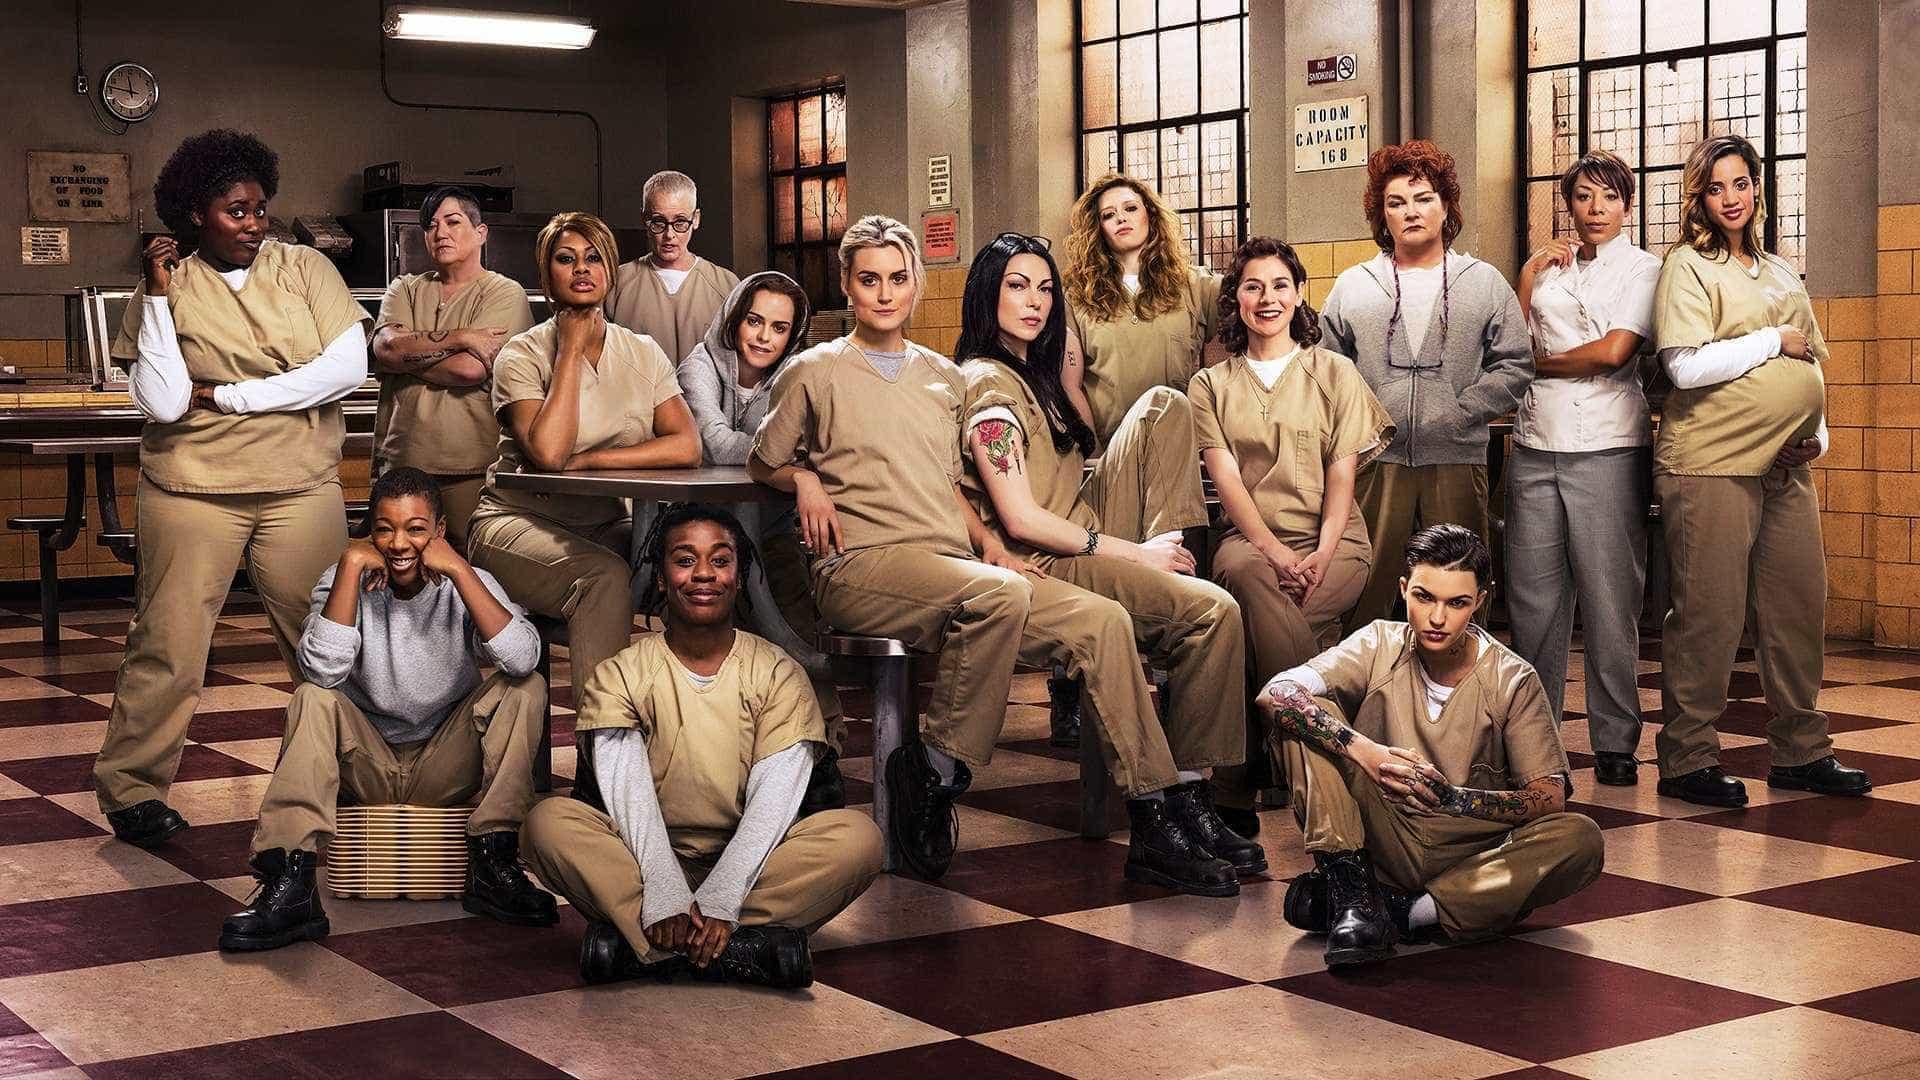 Apenas duas produções do Netflix estão  entre as 10 mais vistas